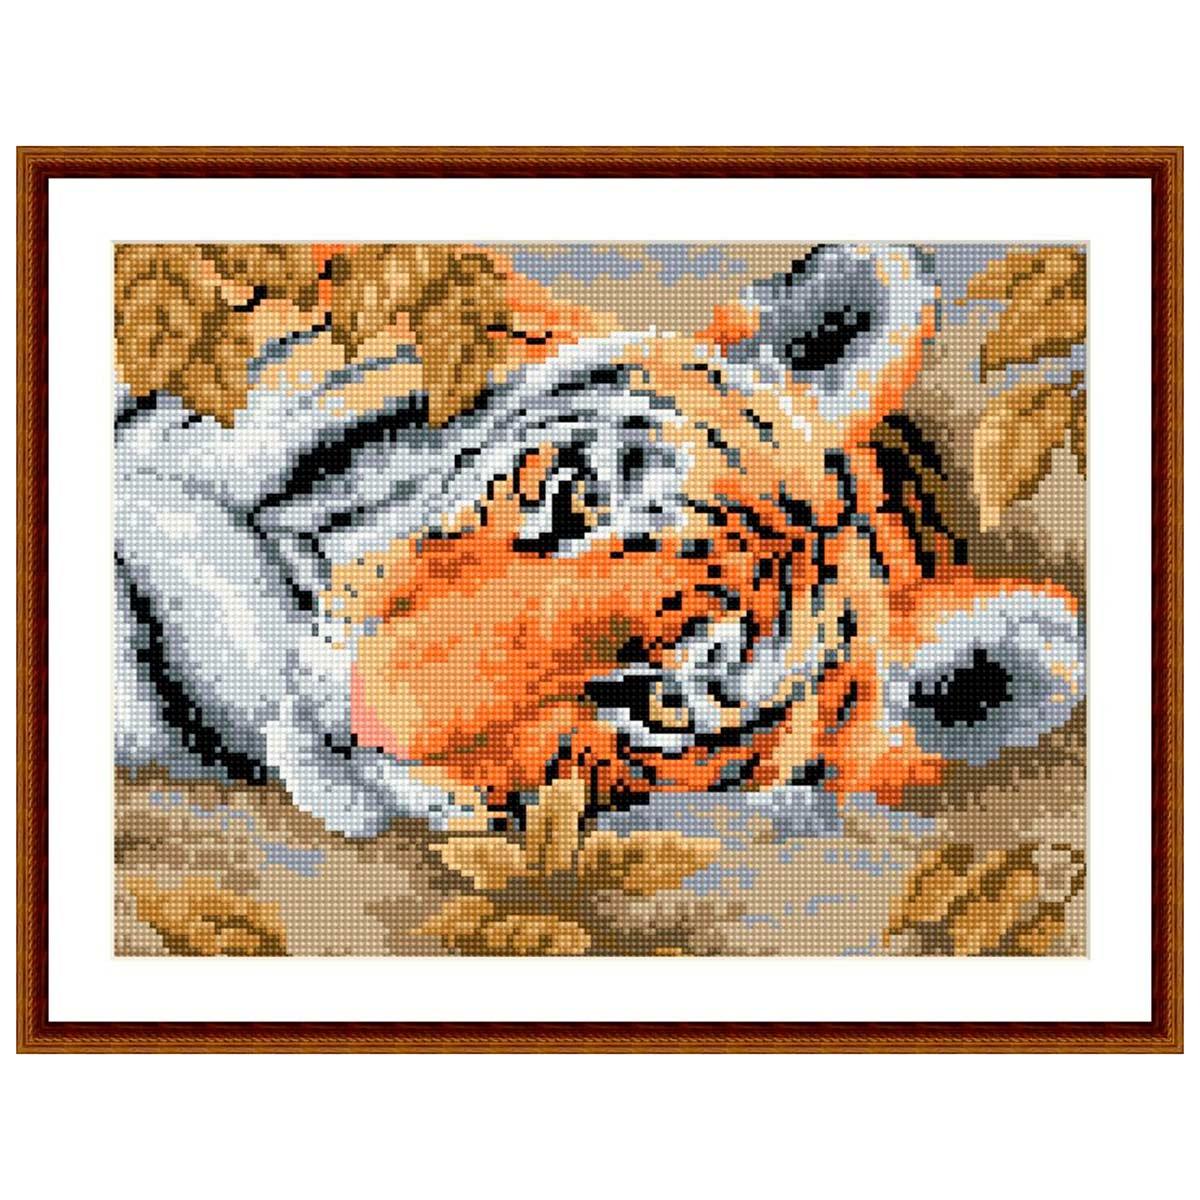 EZ016 Мозаика на деревянной основе 'Малыш', 30*40 см